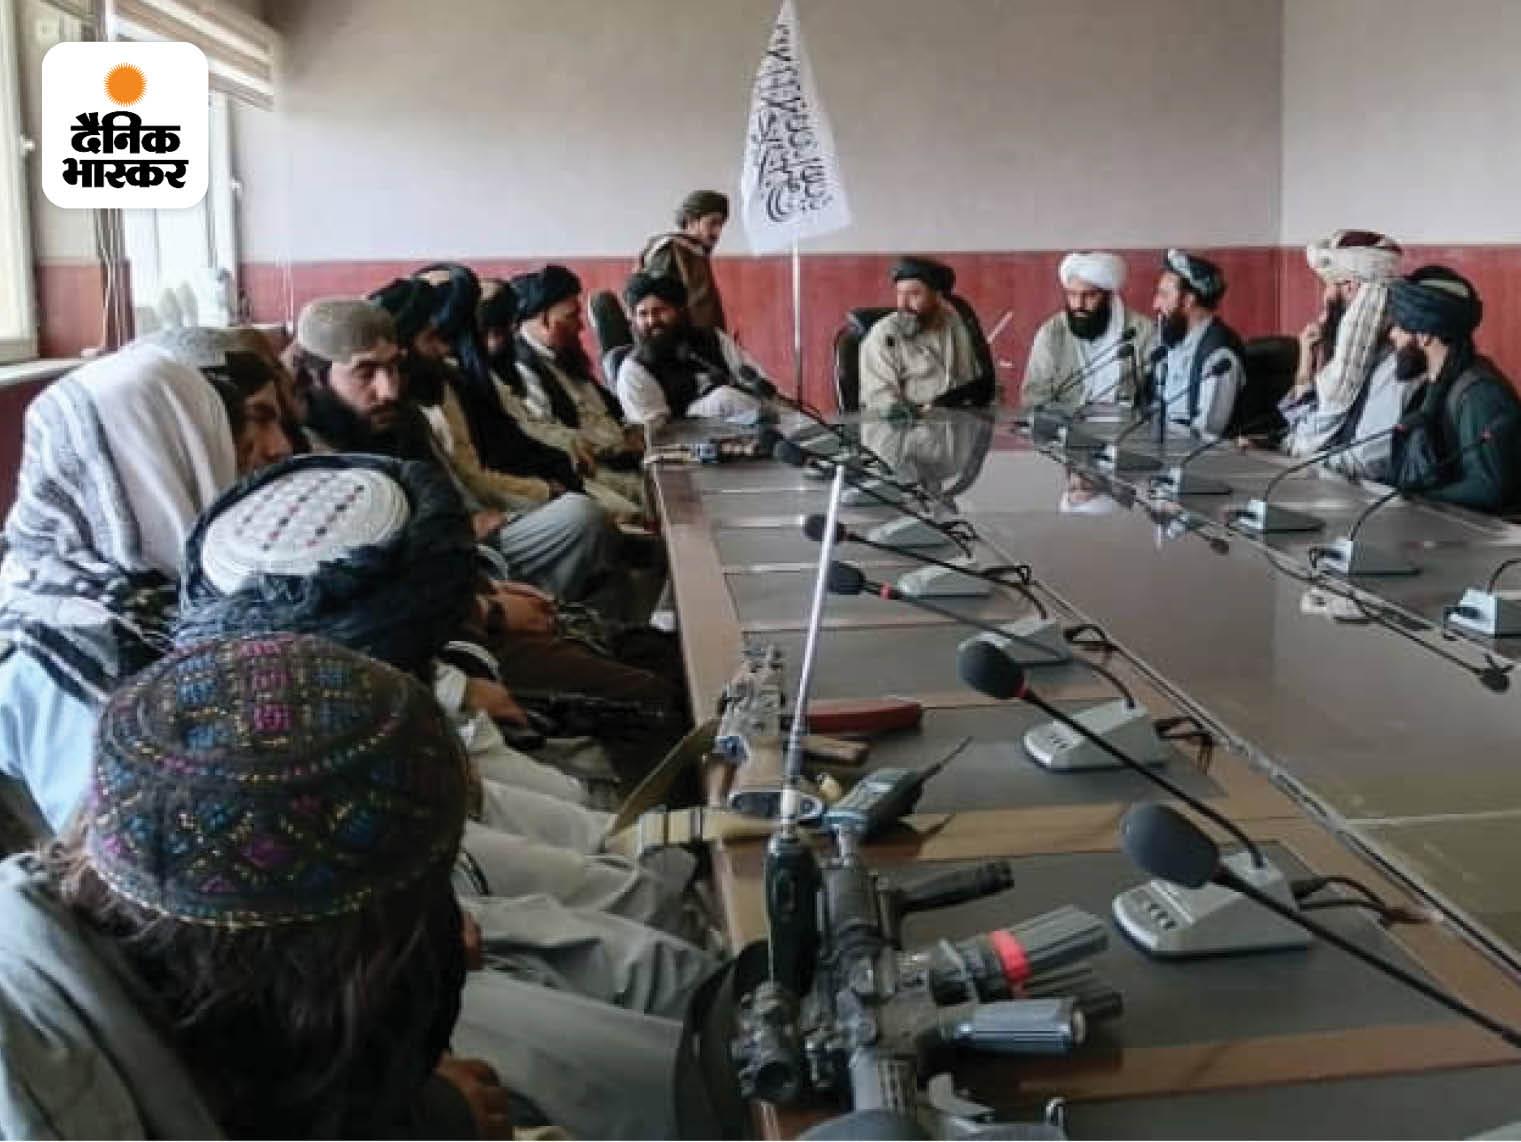 इस बार के तालिबानी 20 साल पुराने तालिबानियों से काफी अलग हैं। संगठन के लड़ाके हाइटेक हथियारों के अलावा सोशल मीडिया का यूज भी कर रहे हैं। फोटो राष्ट्रपति भवन की है।